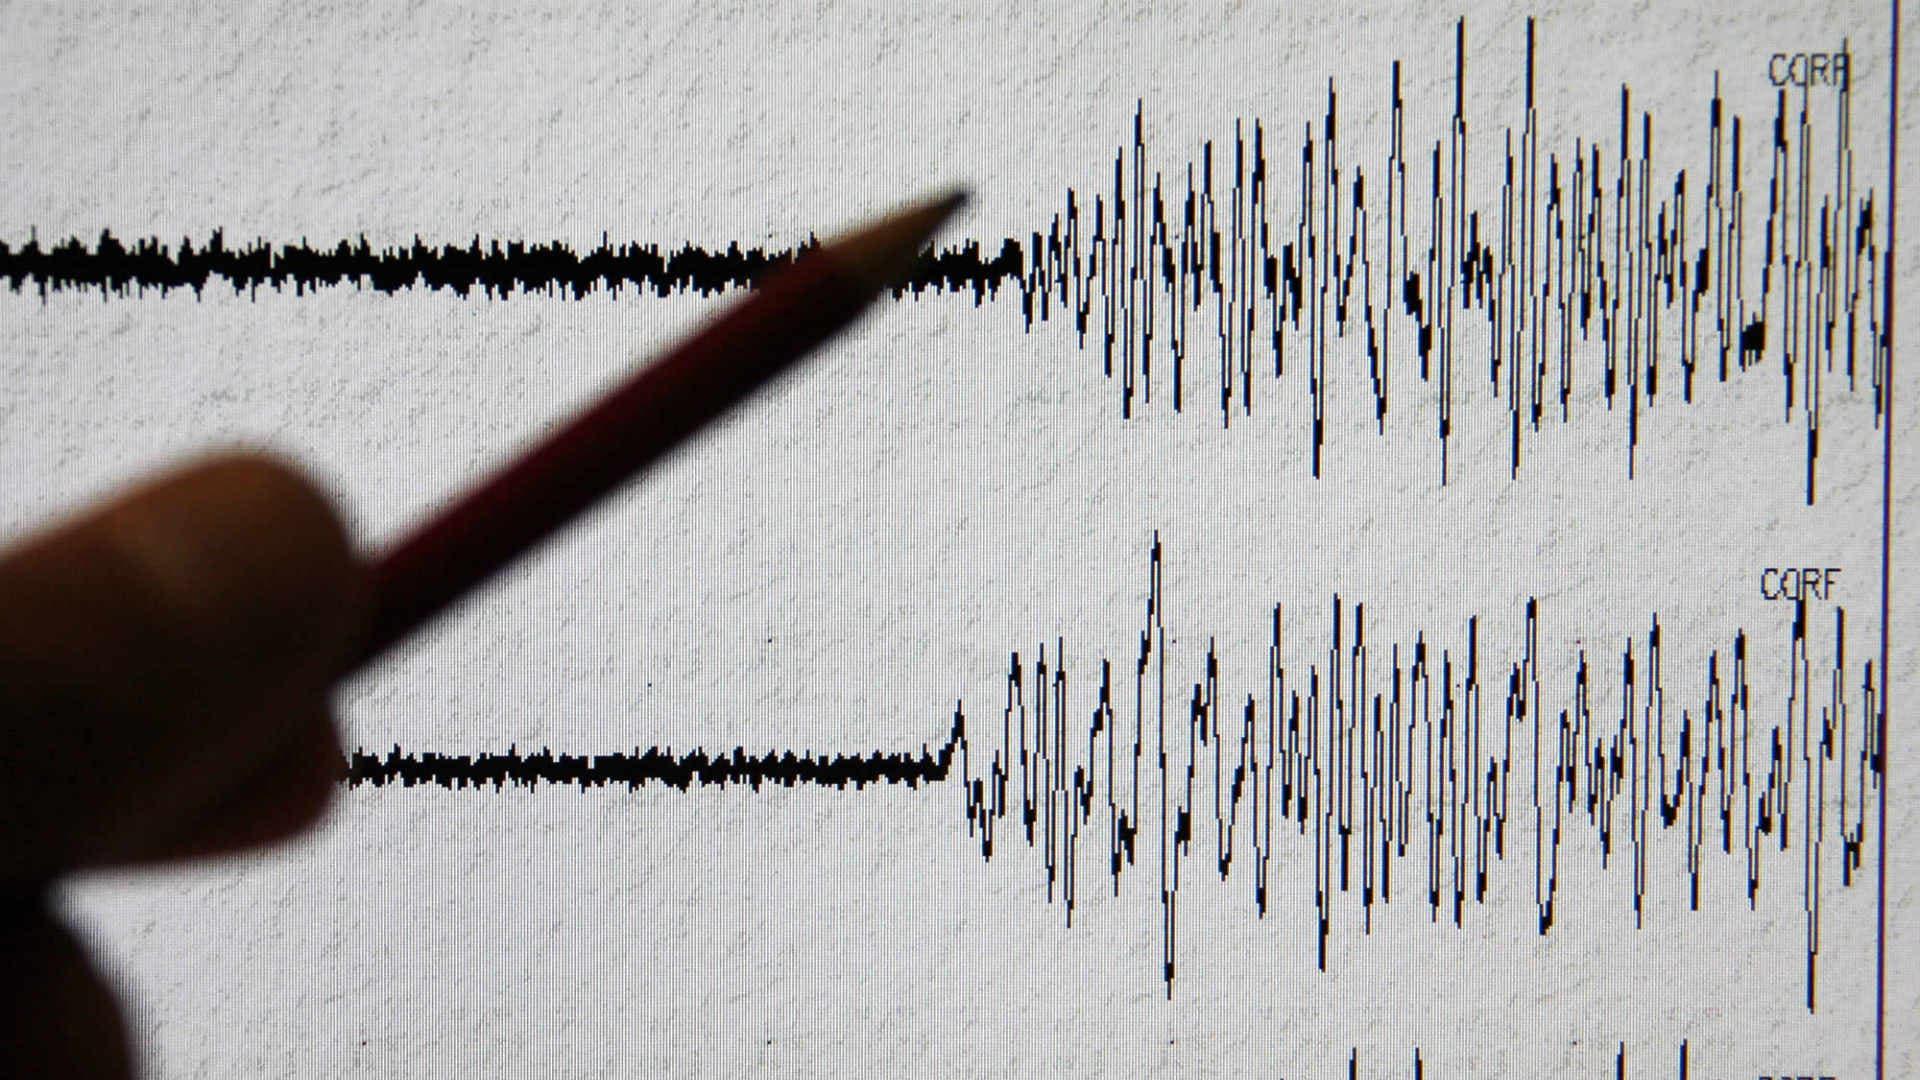 Terremoti nel Catanese, intenso sciame sismico alle pendici dell'Etna: registrate 55 scosse. I dati dell'INGV